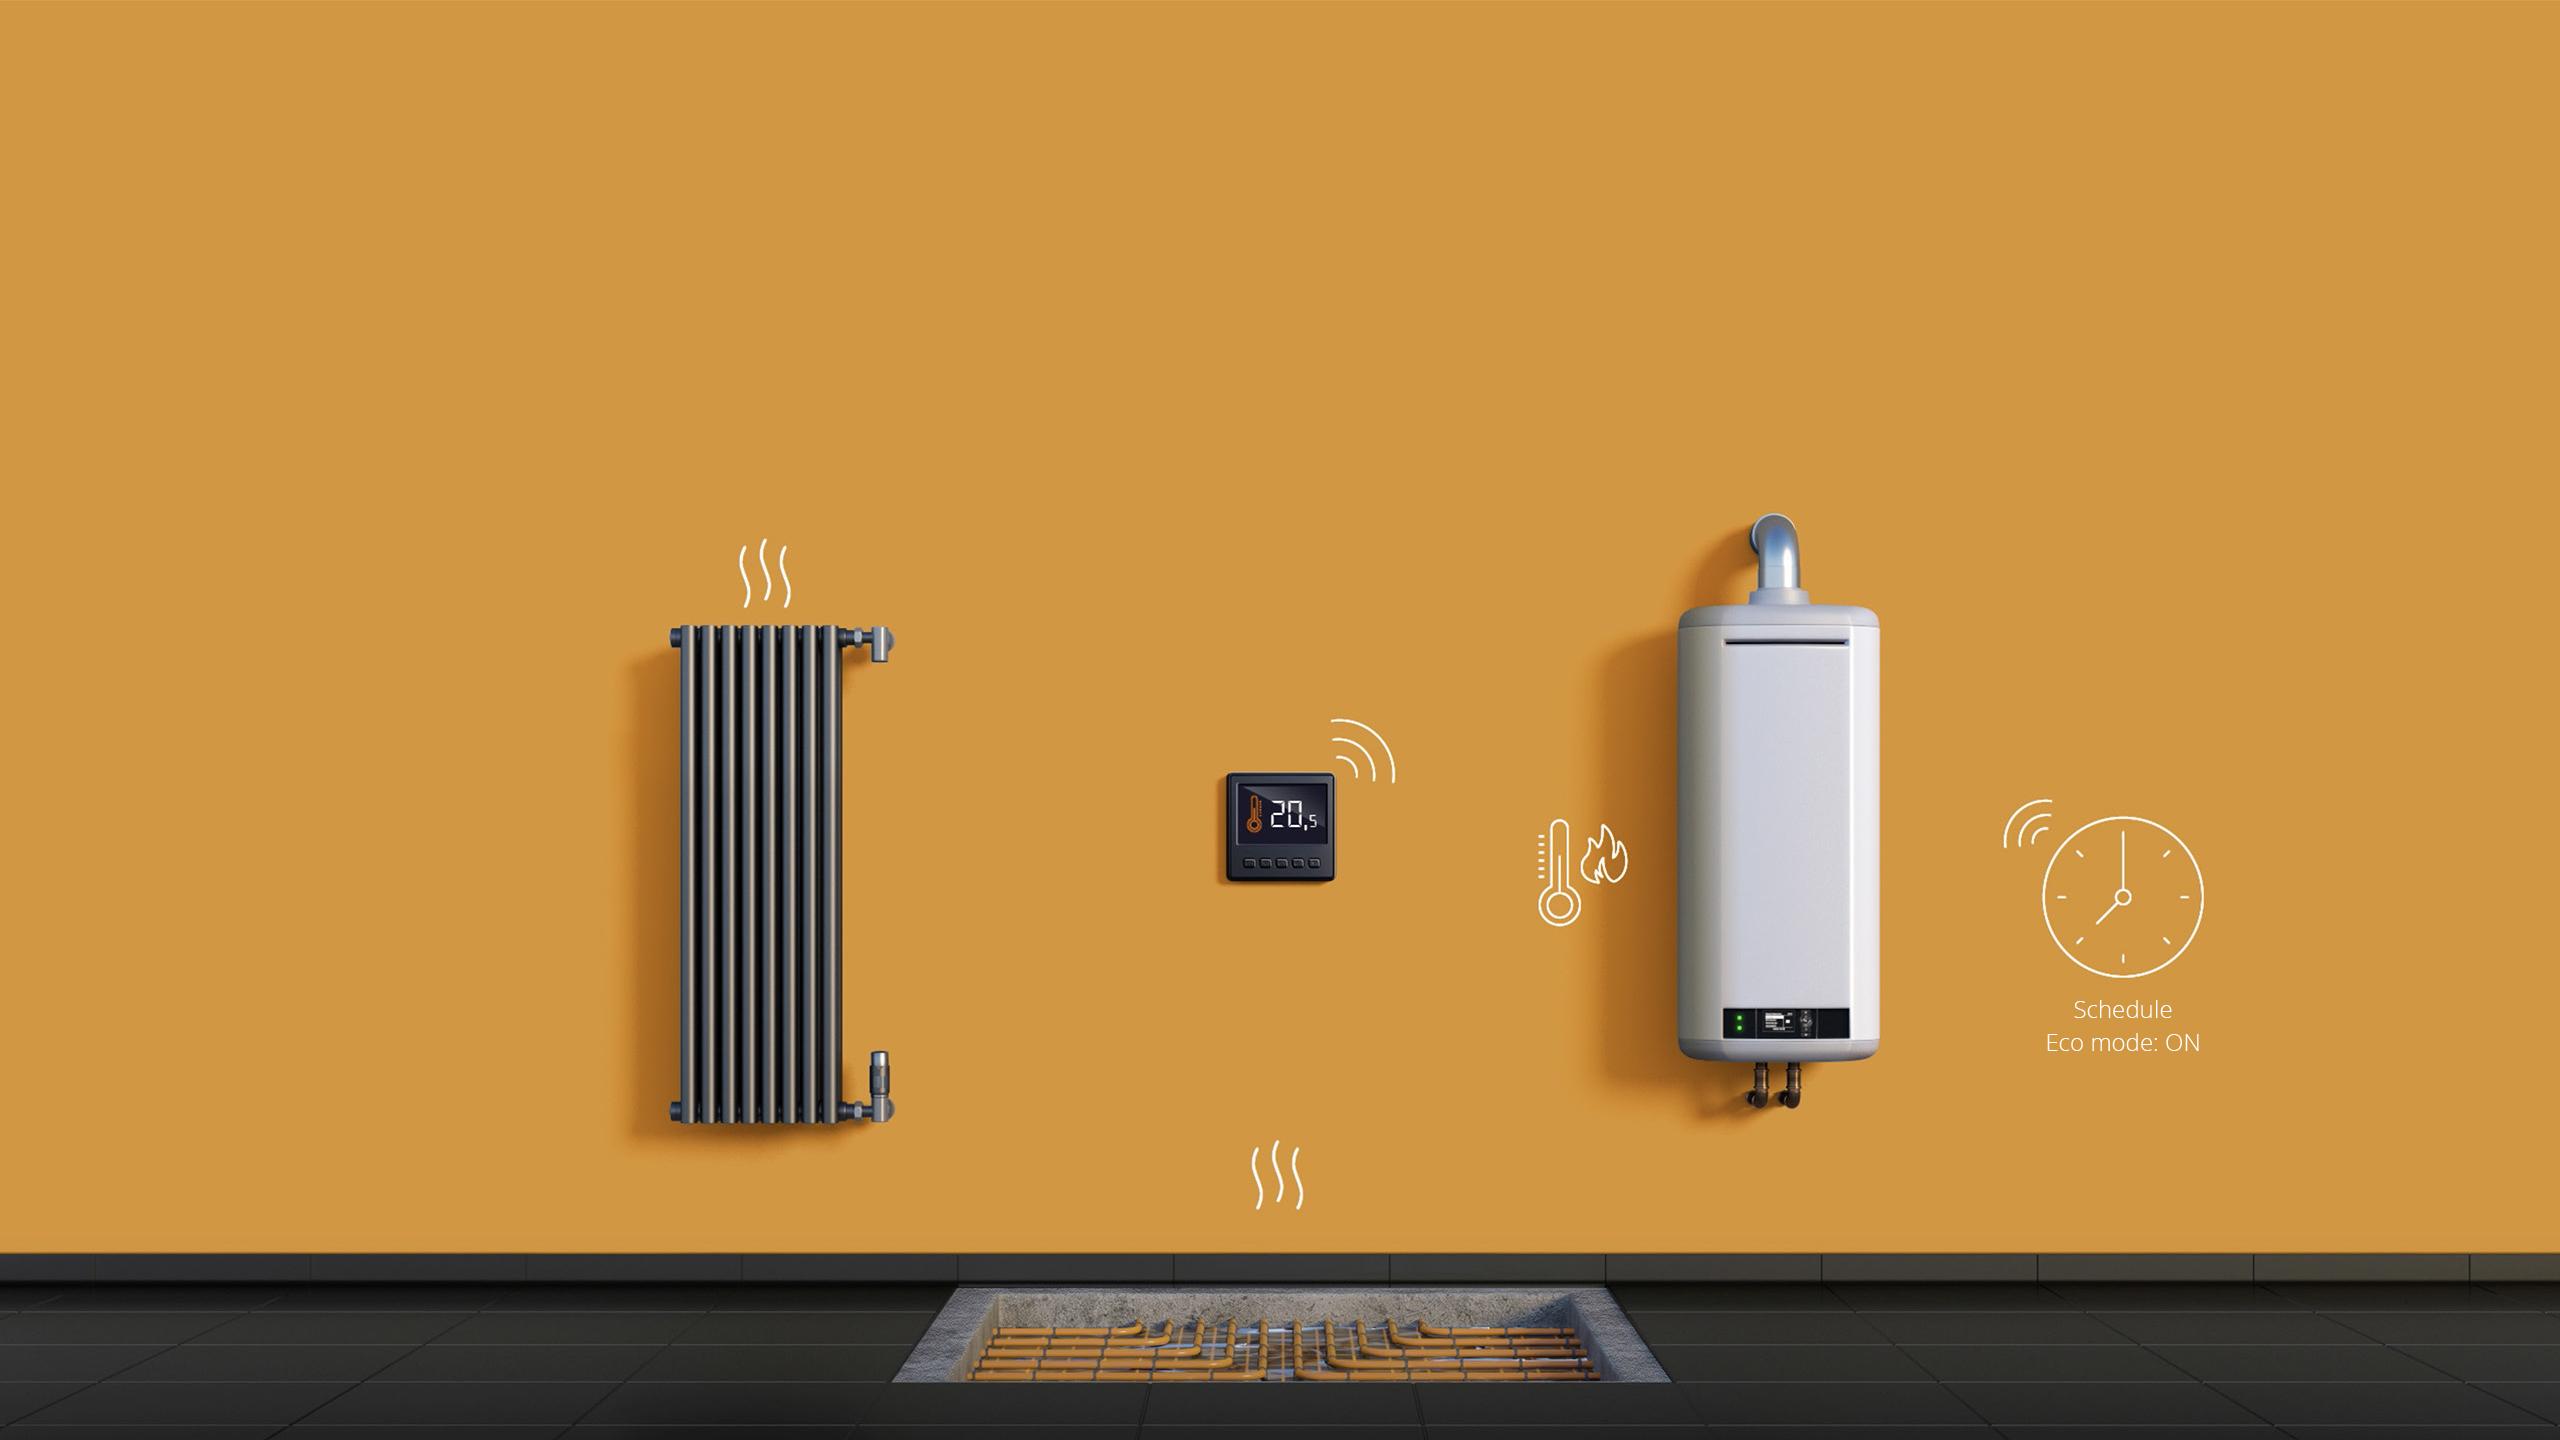 Bộ tích hợp thông minh nhà thông minh smarthome Smart Implant FIBARO